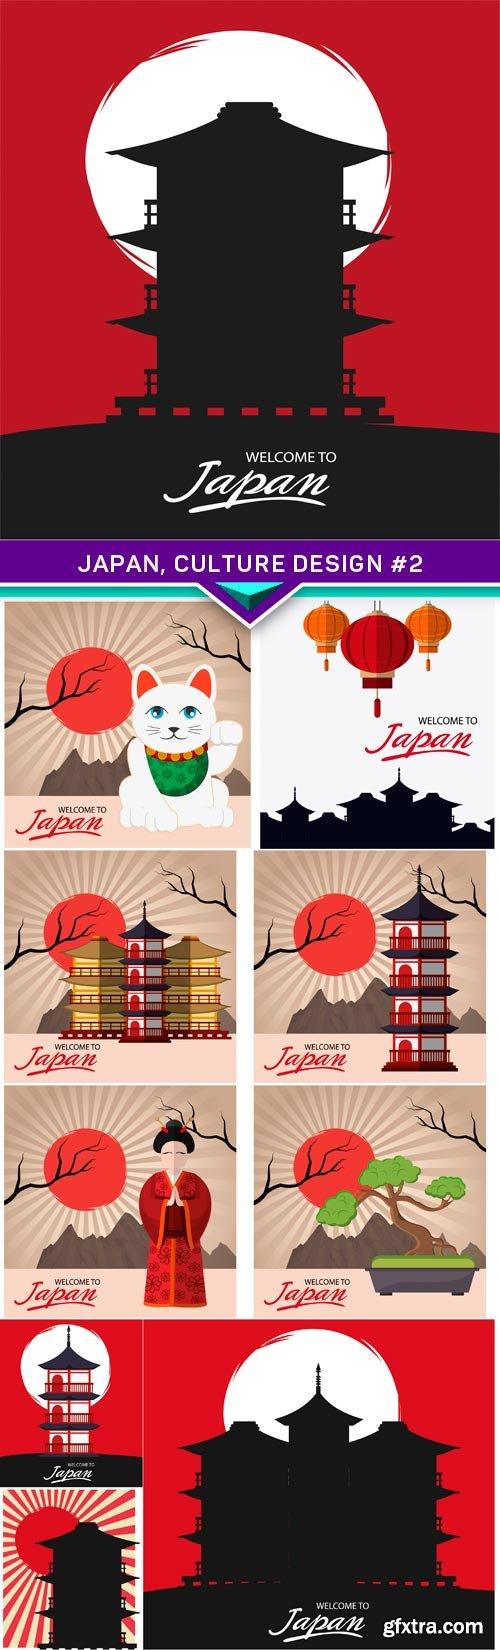 Japan, culture design #2 10X EPS